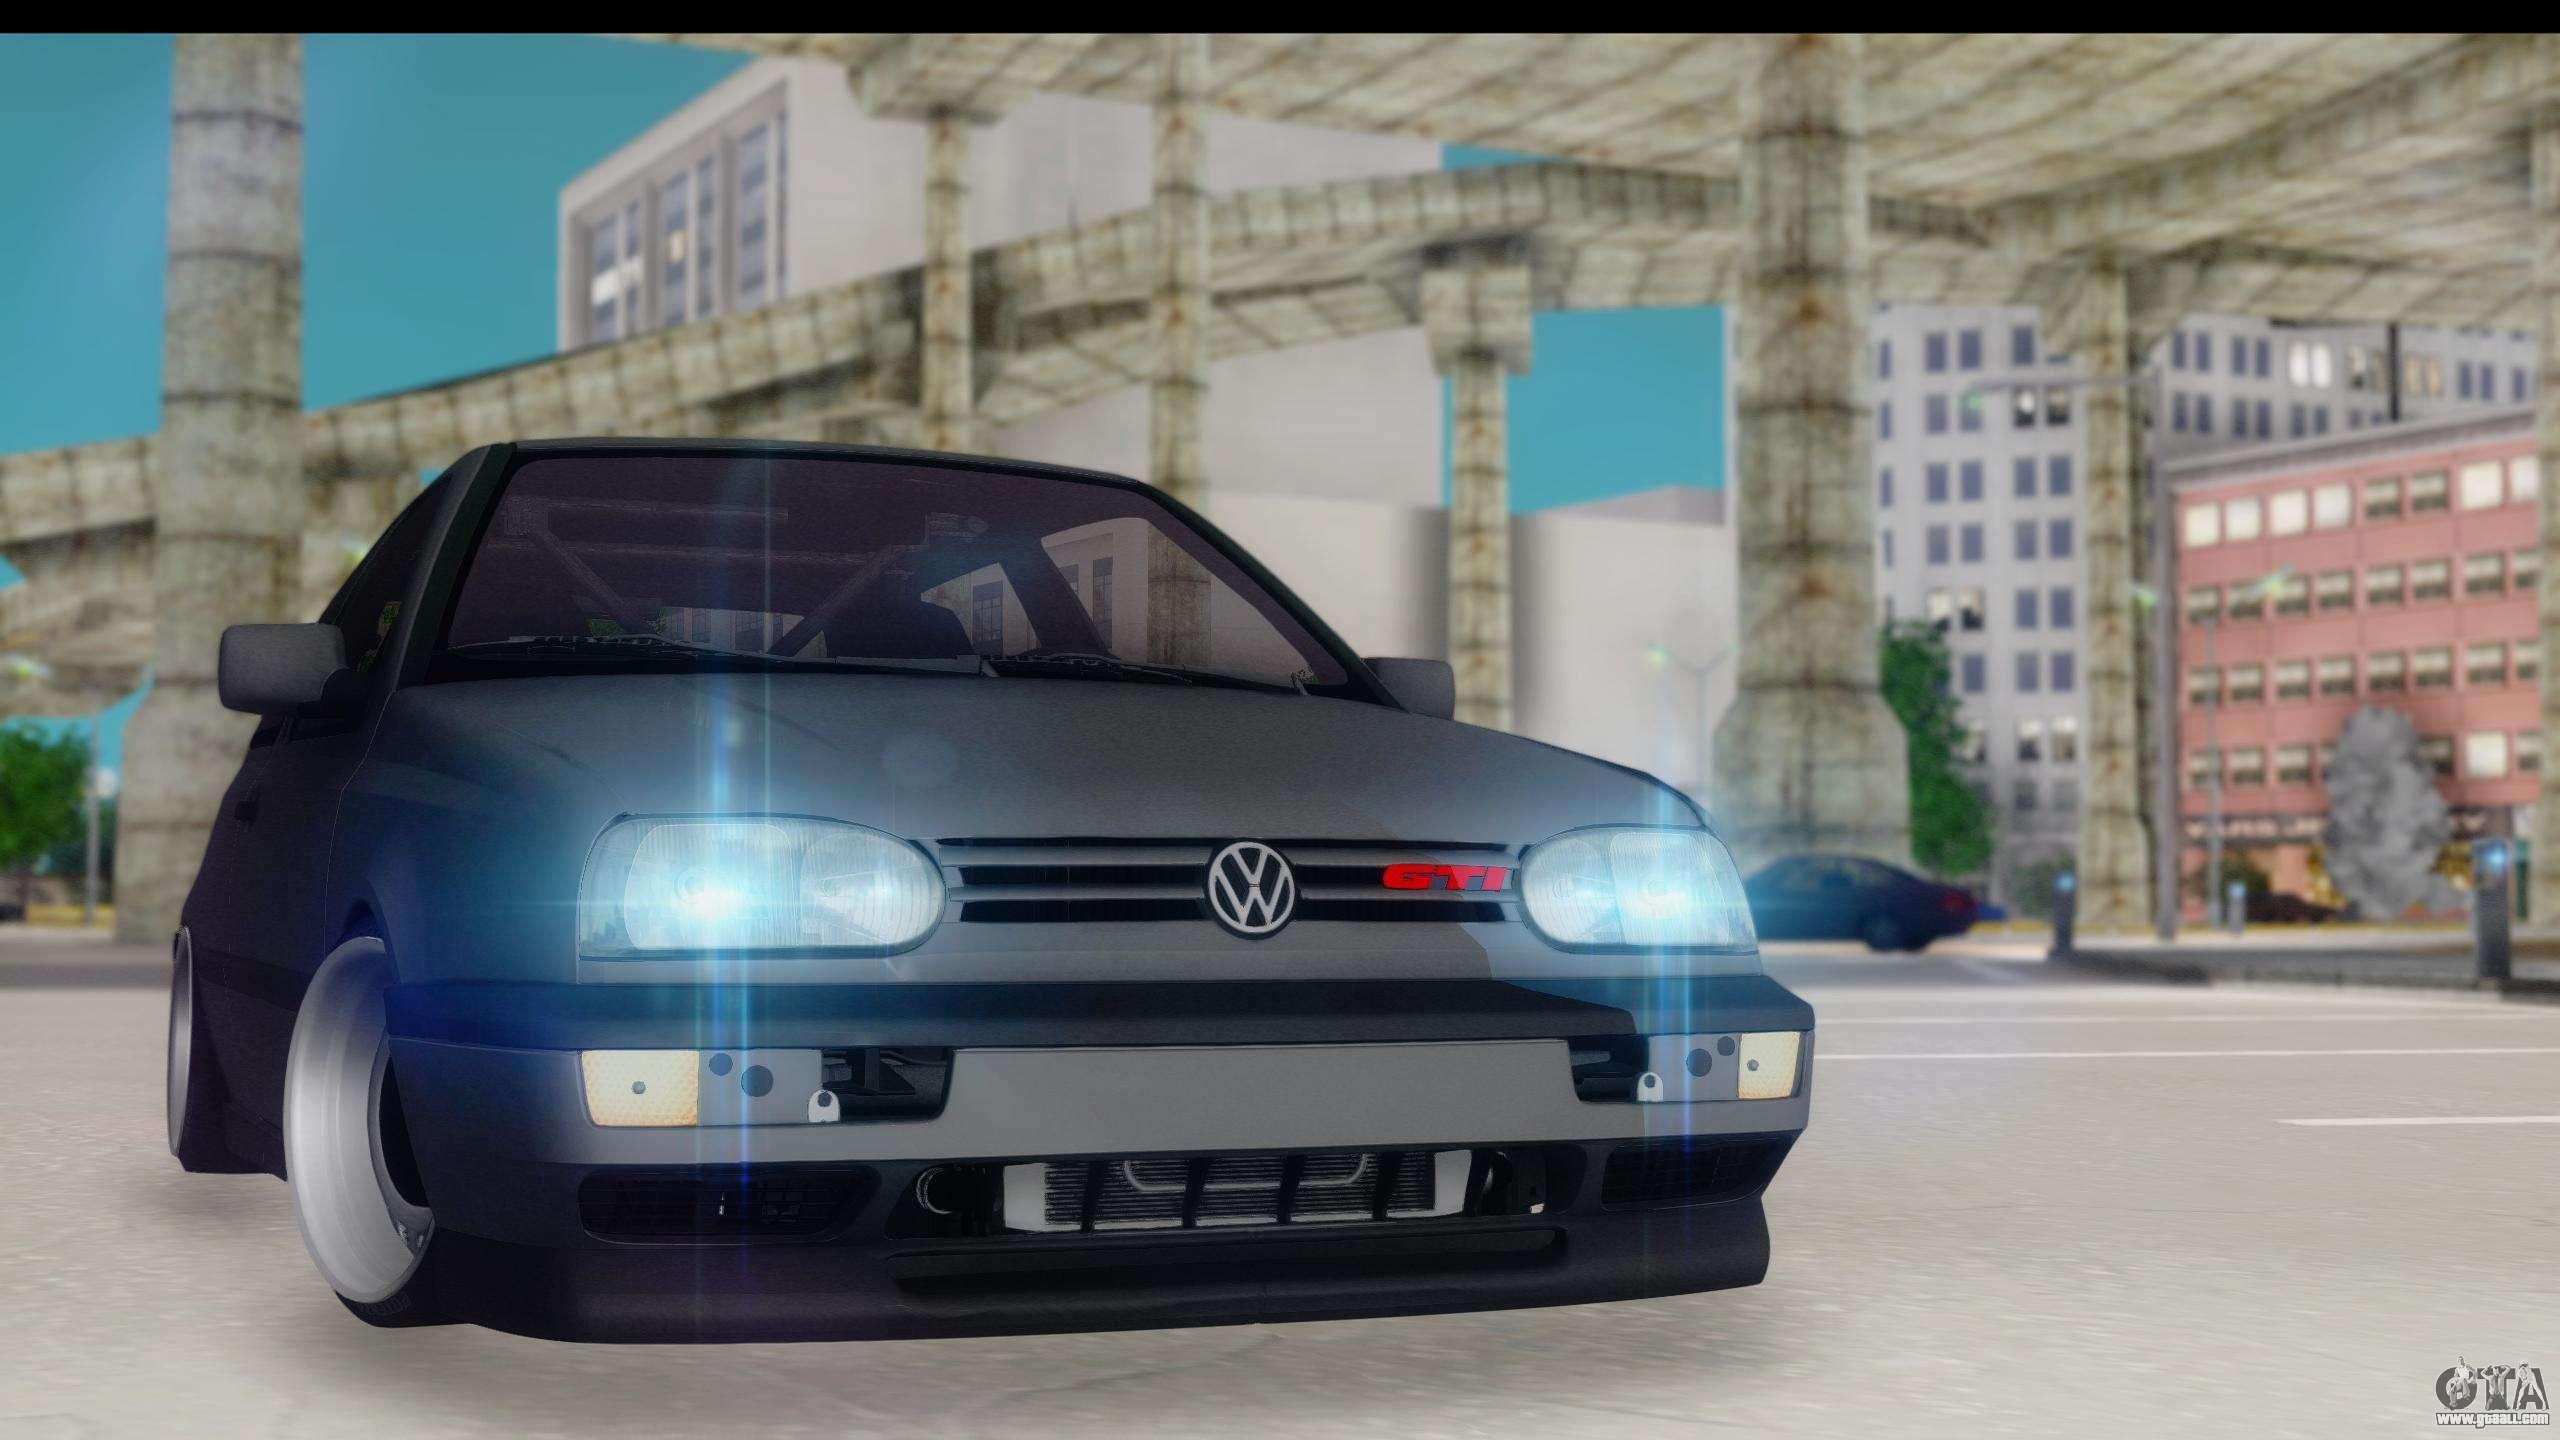 2015 Volkswagen E Golf Glendale >> Volkswagen Golf 3 Stanced for GTA San Andreas